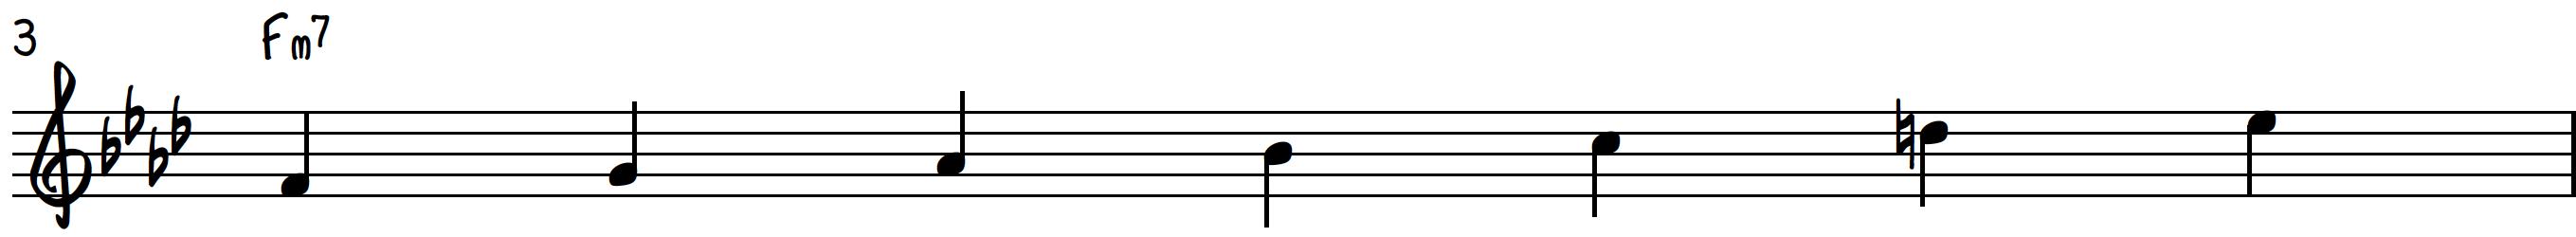 F Dorian Scale for Piano